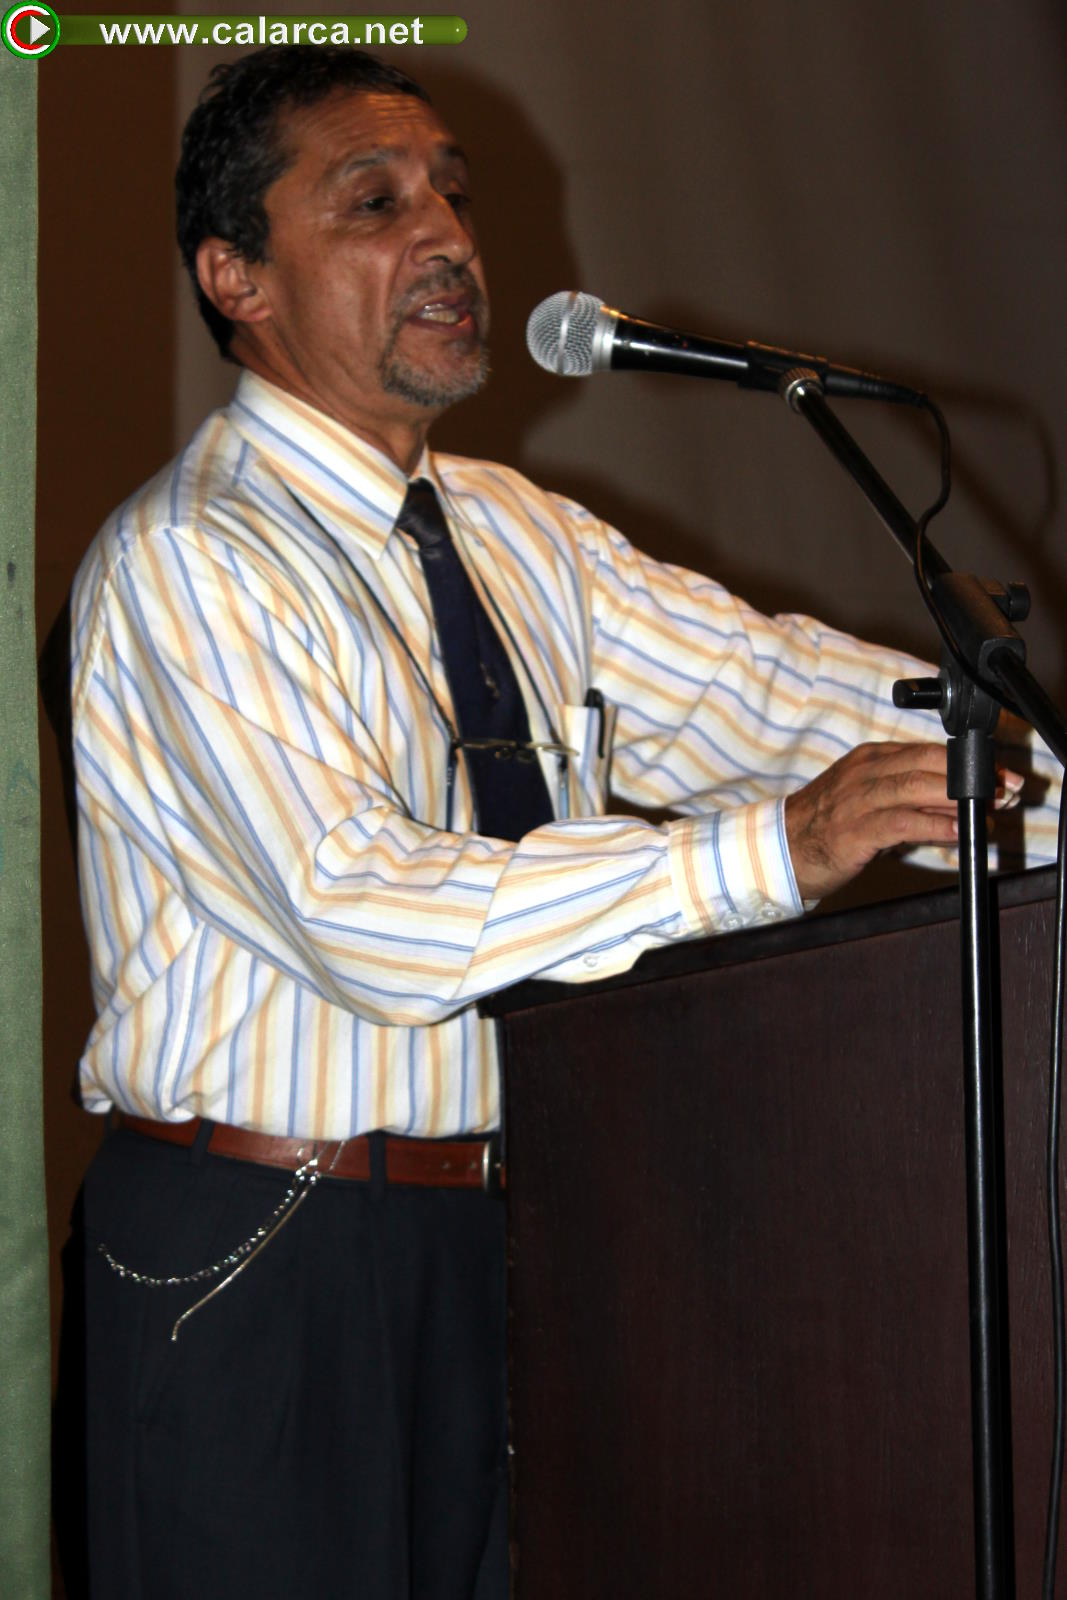 Marco Antonio Fernández - Director Palosanto